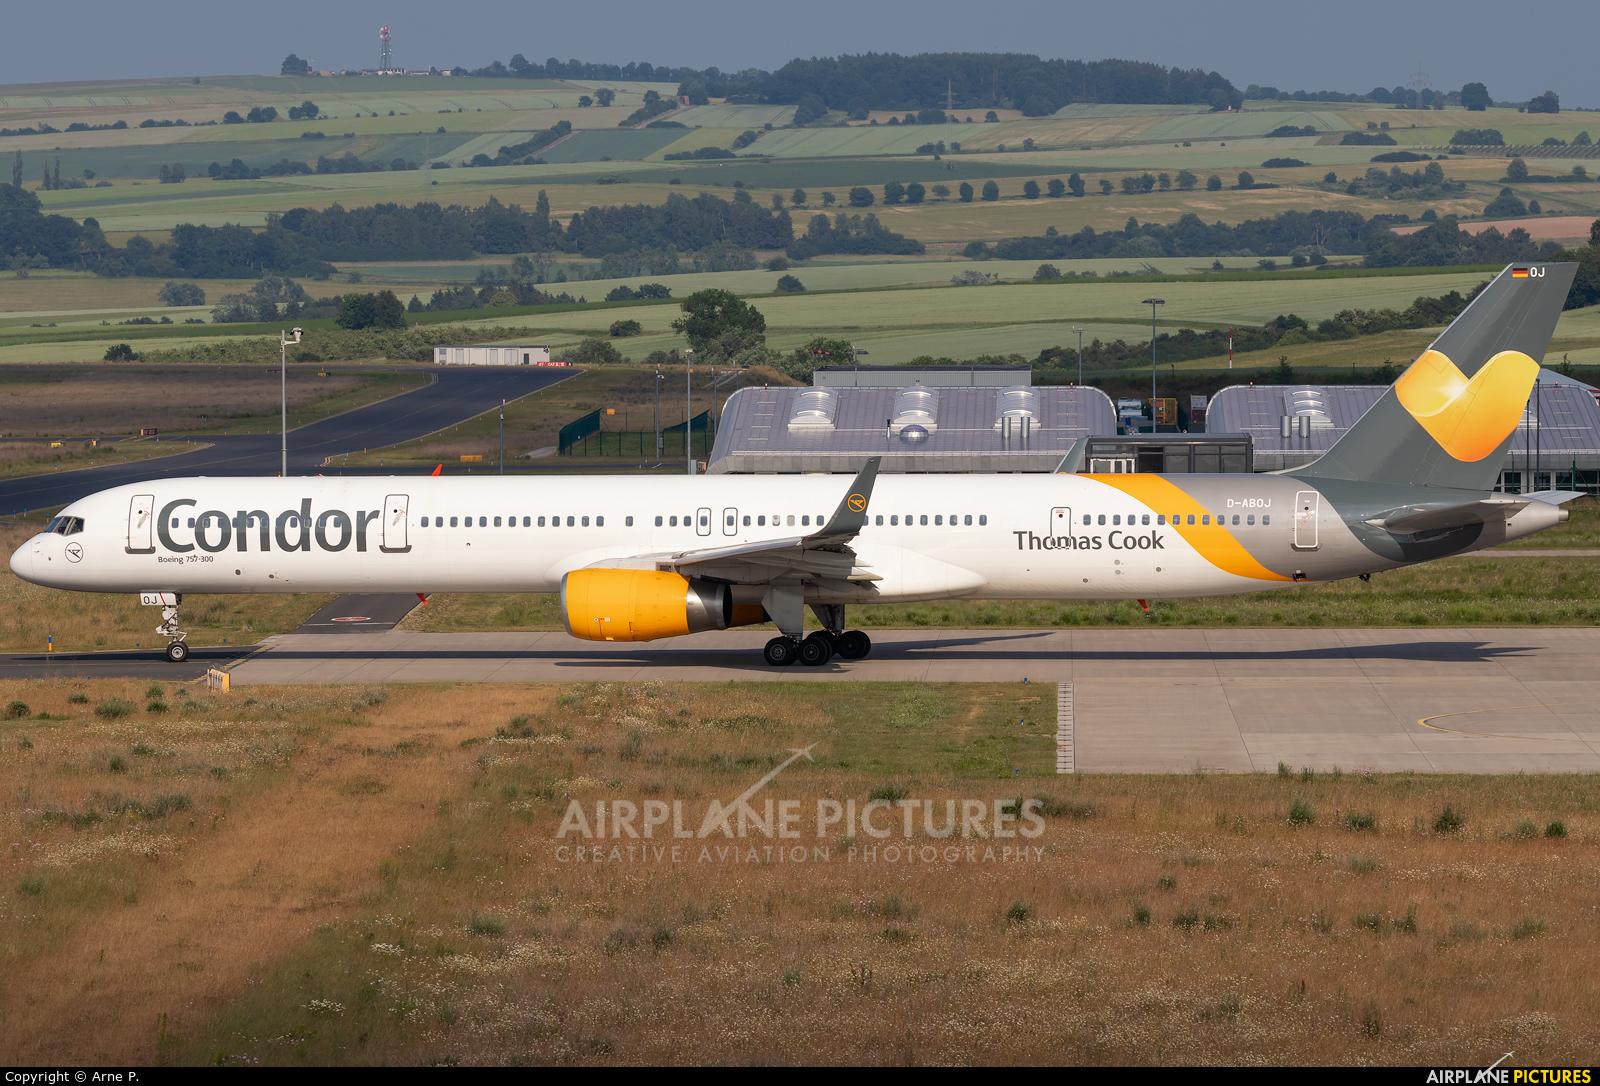 Condor D-ABOJ aircraft at Kassel-Calden